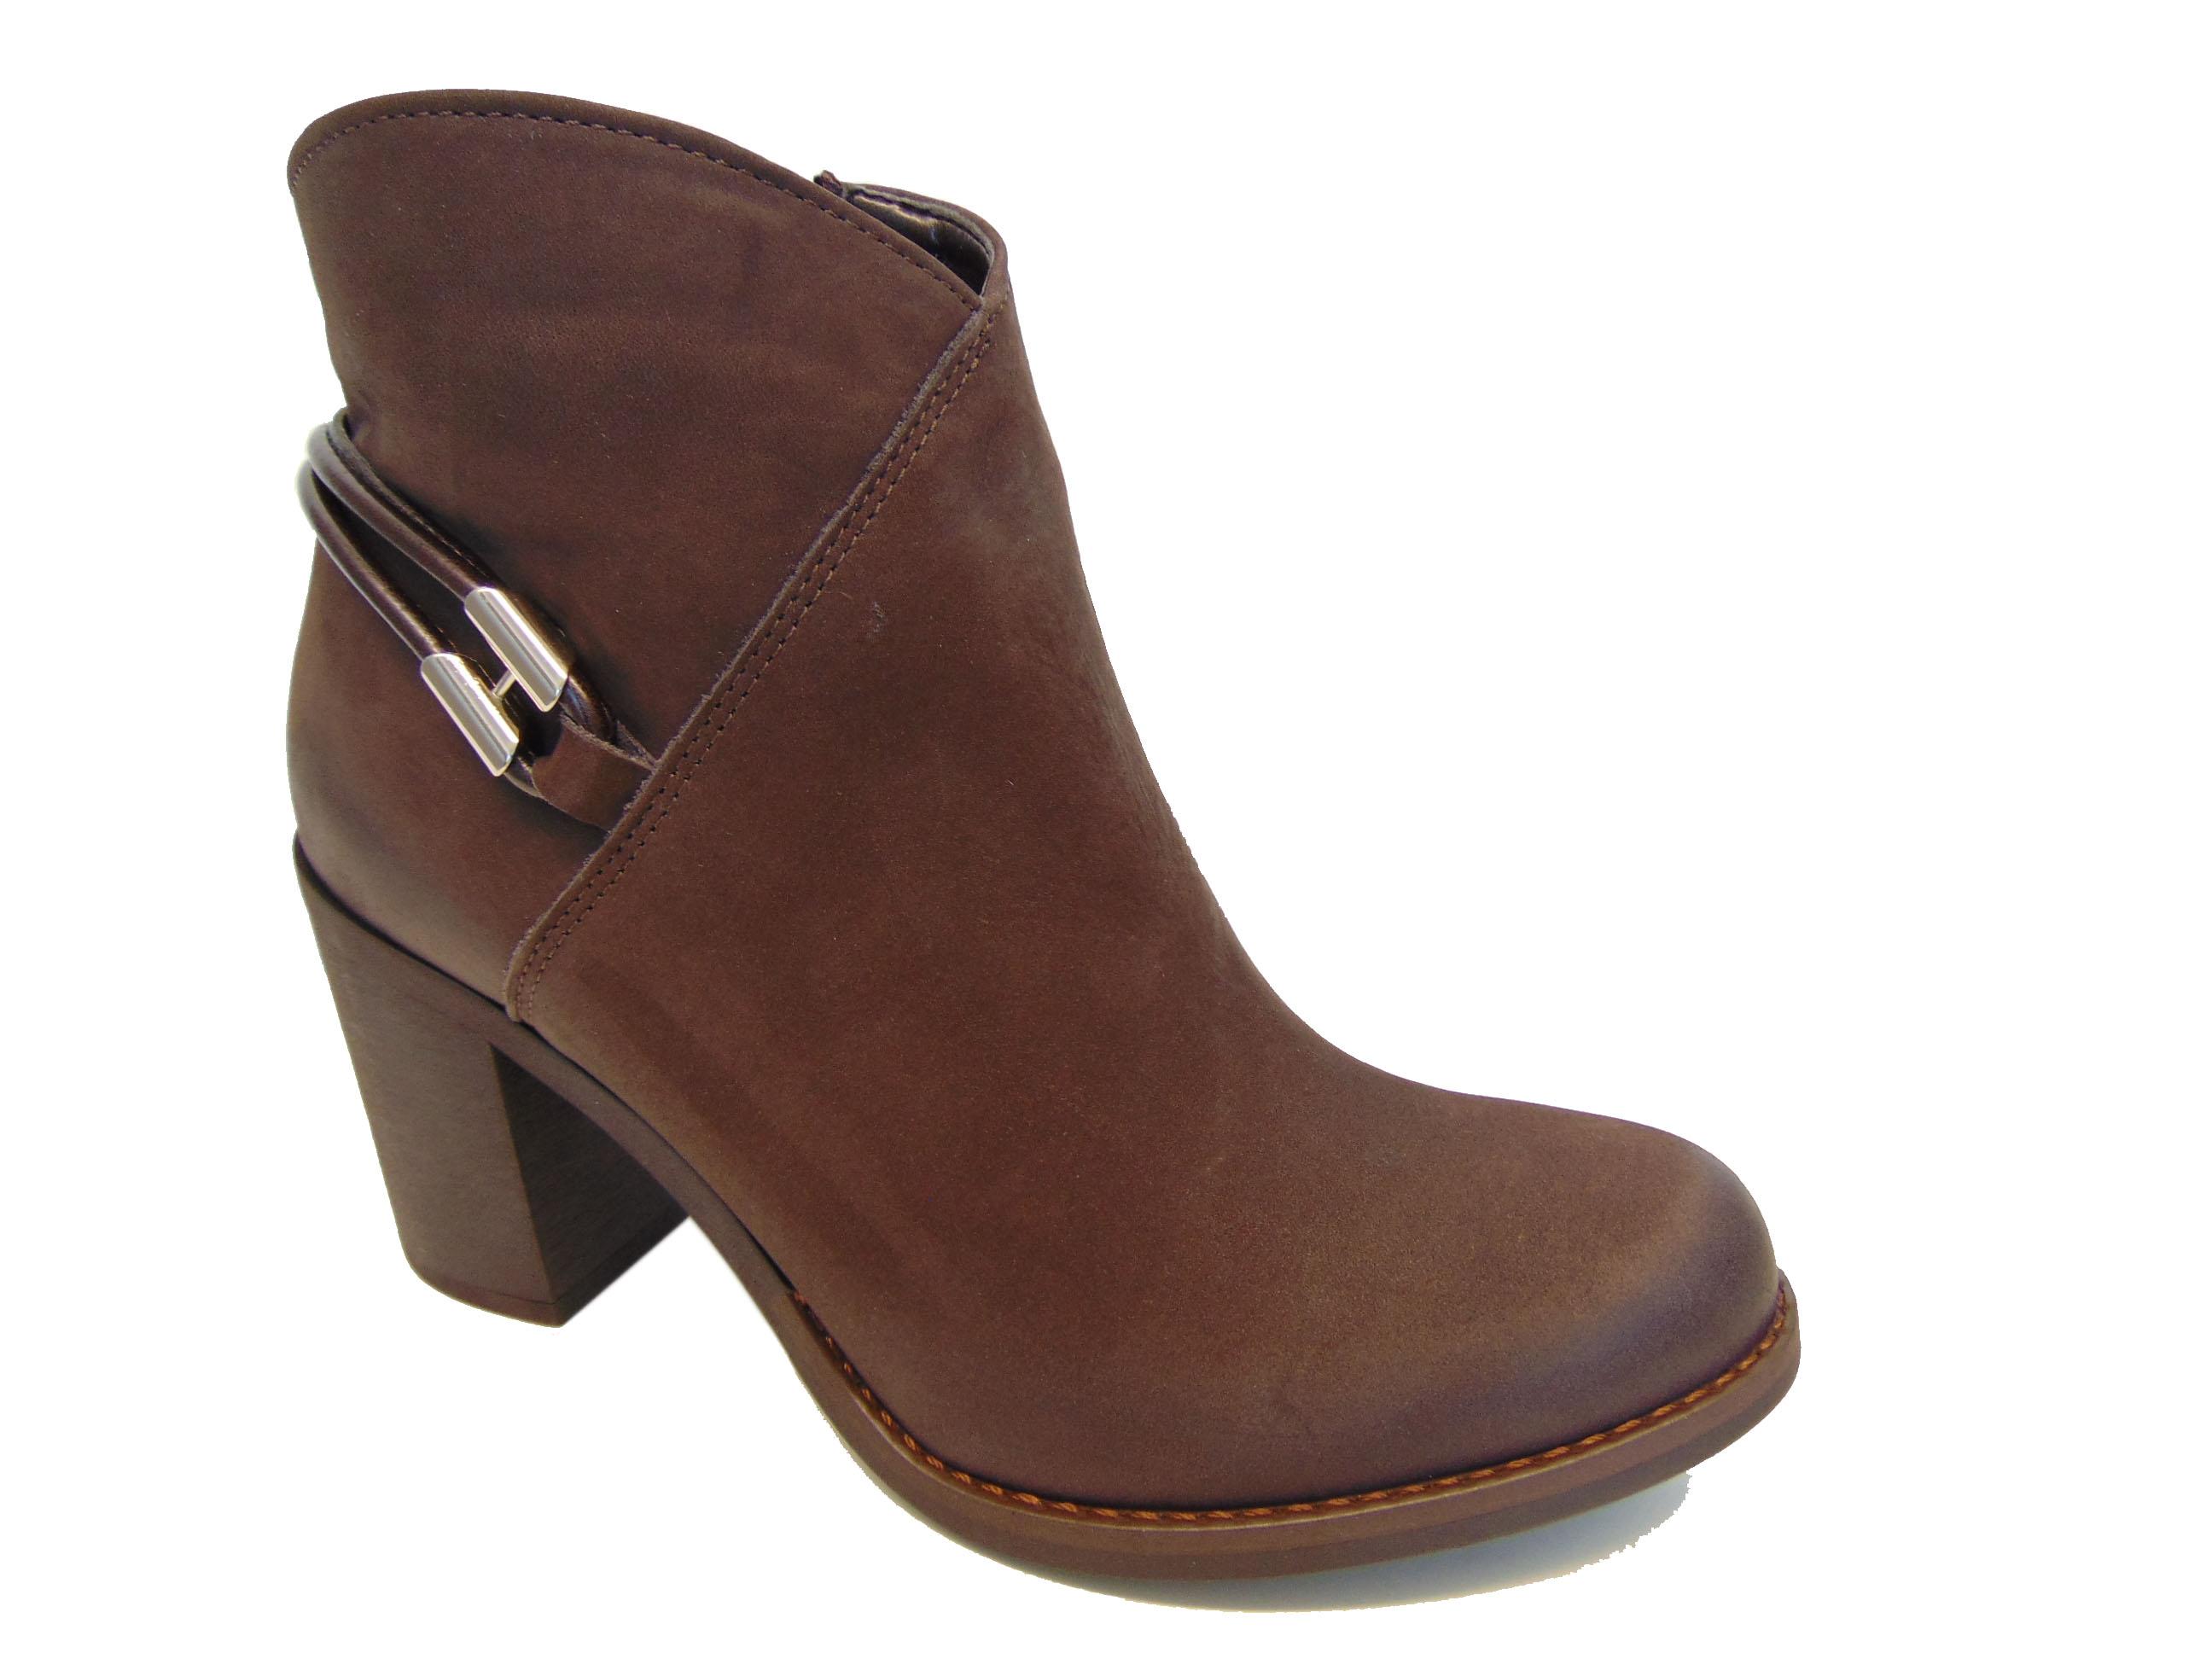 178c0bcda019c1 Skórzane botki Gamis 3508 brązowe | Buty damskie na lato, sandały ...